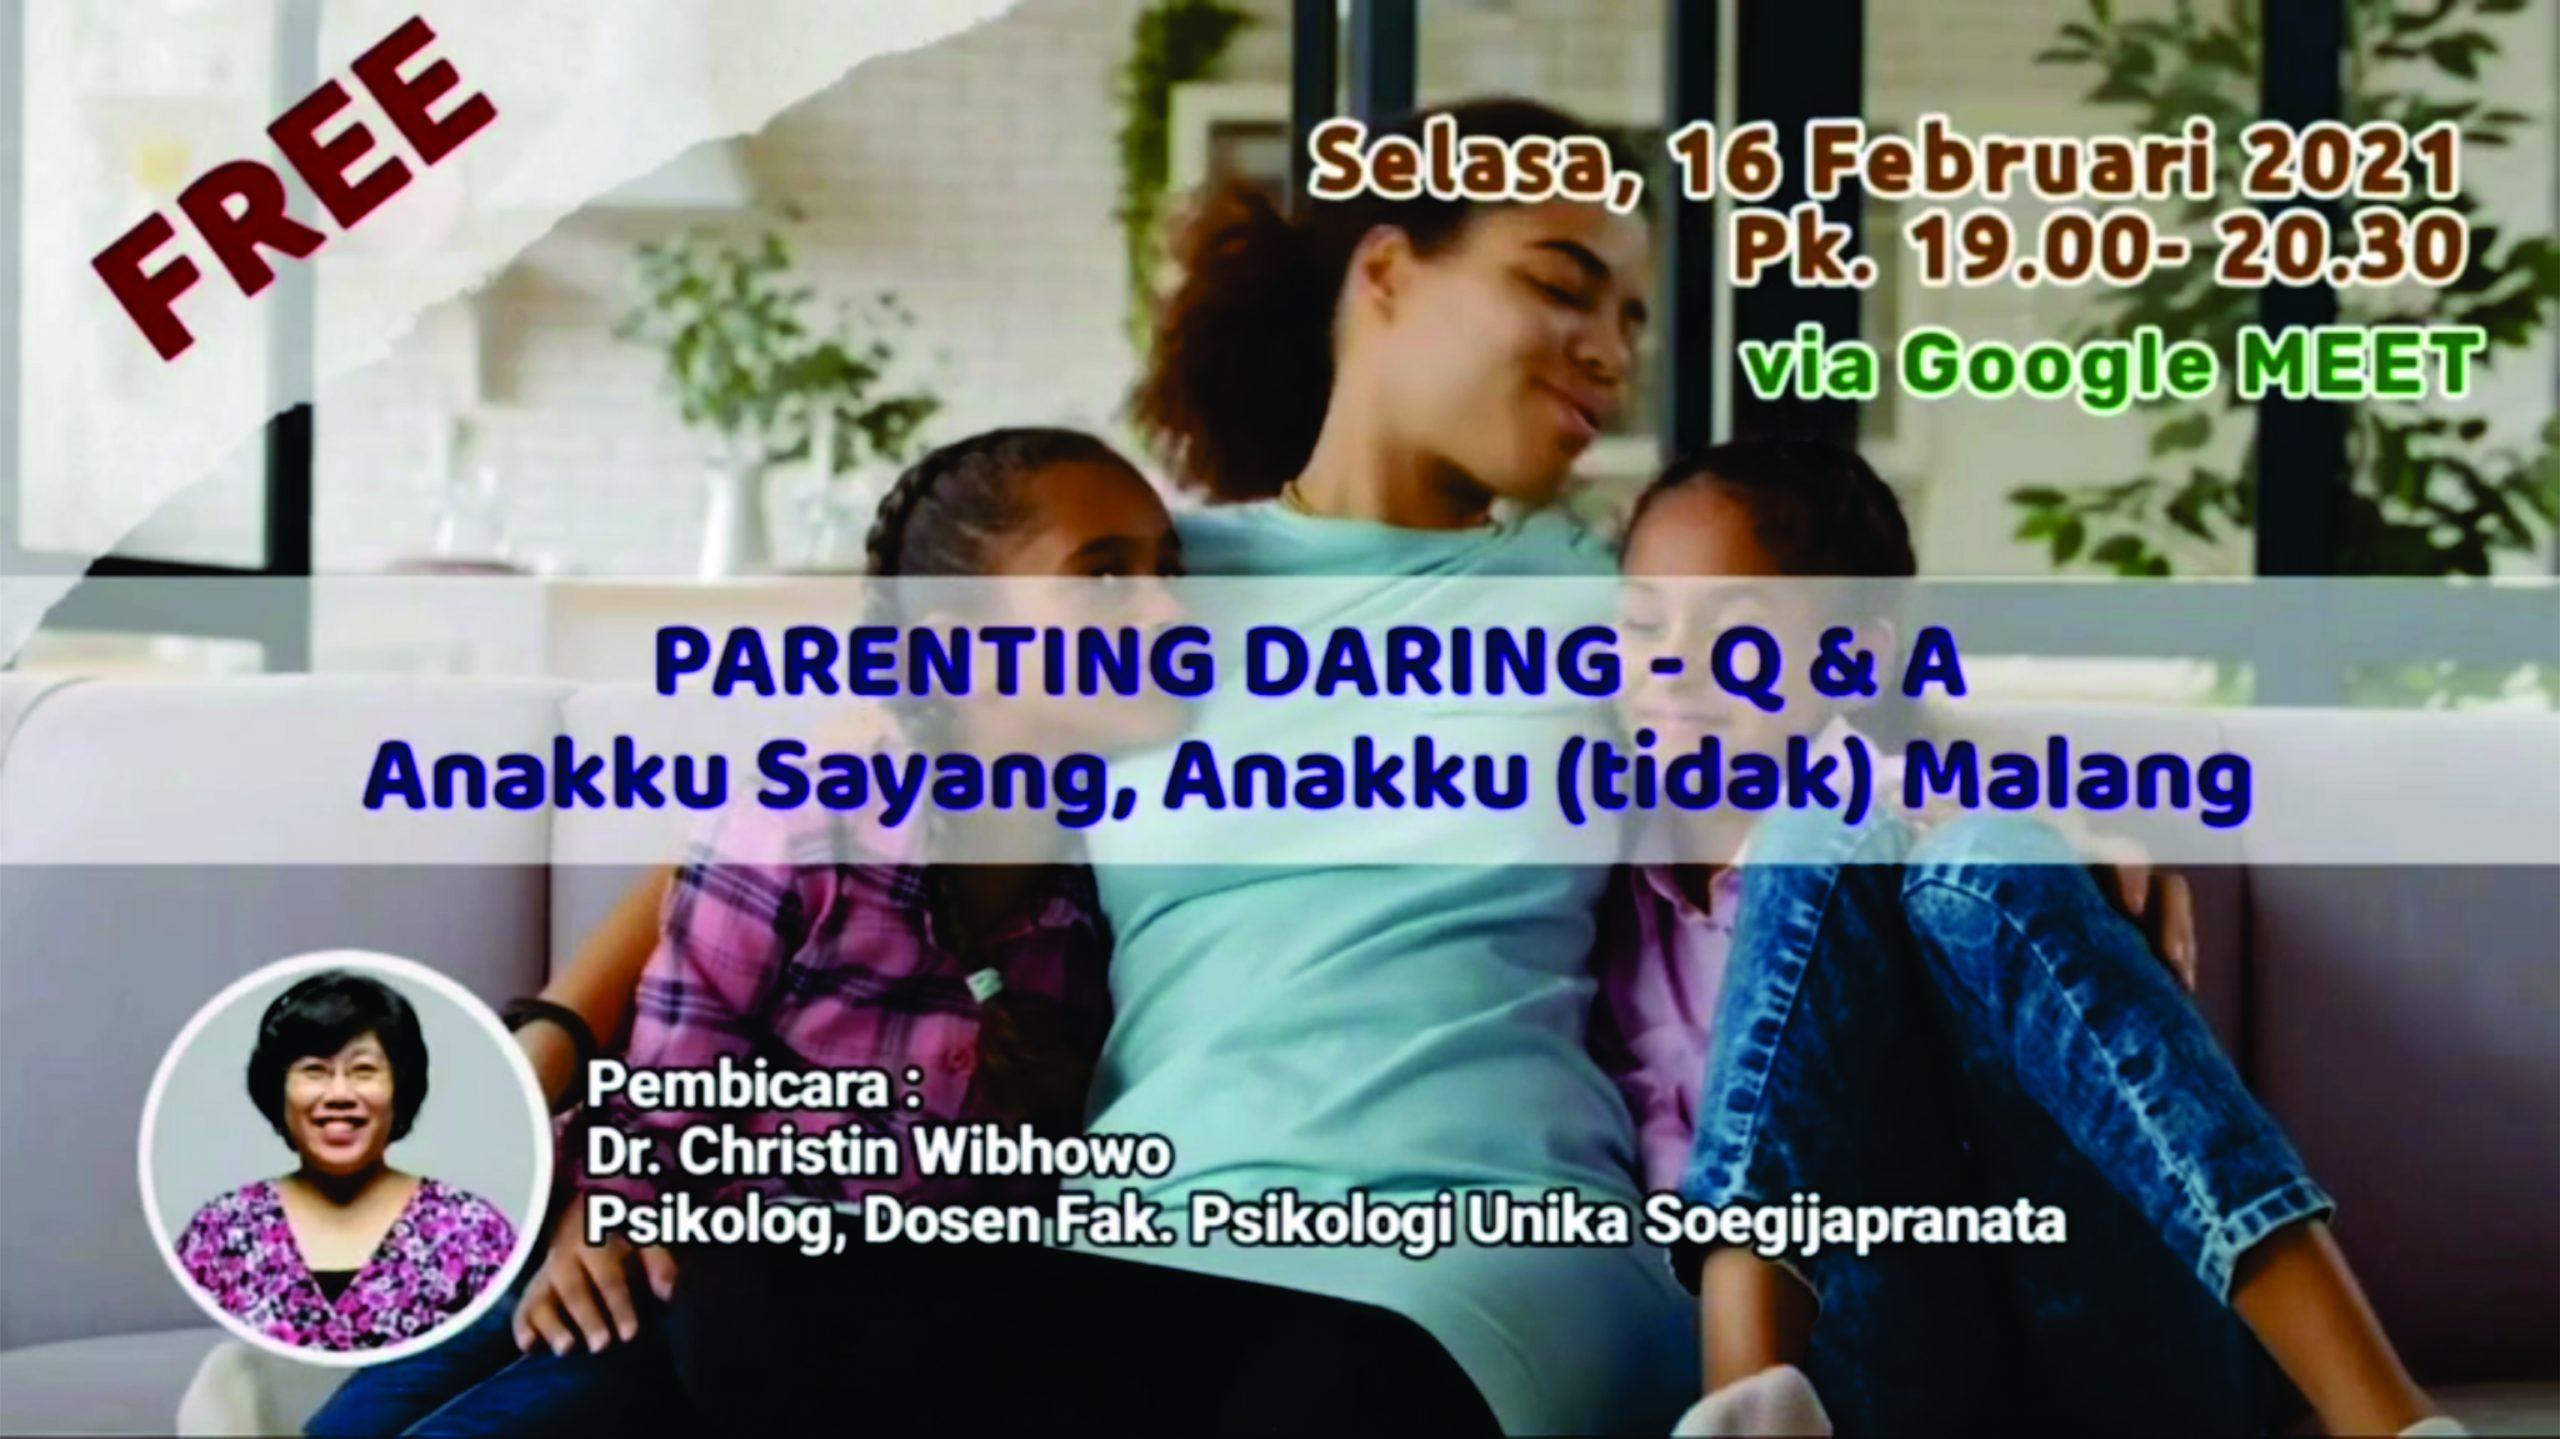 Seminar Parenting : Anakku Sayang, Anakku (tidak) Malang